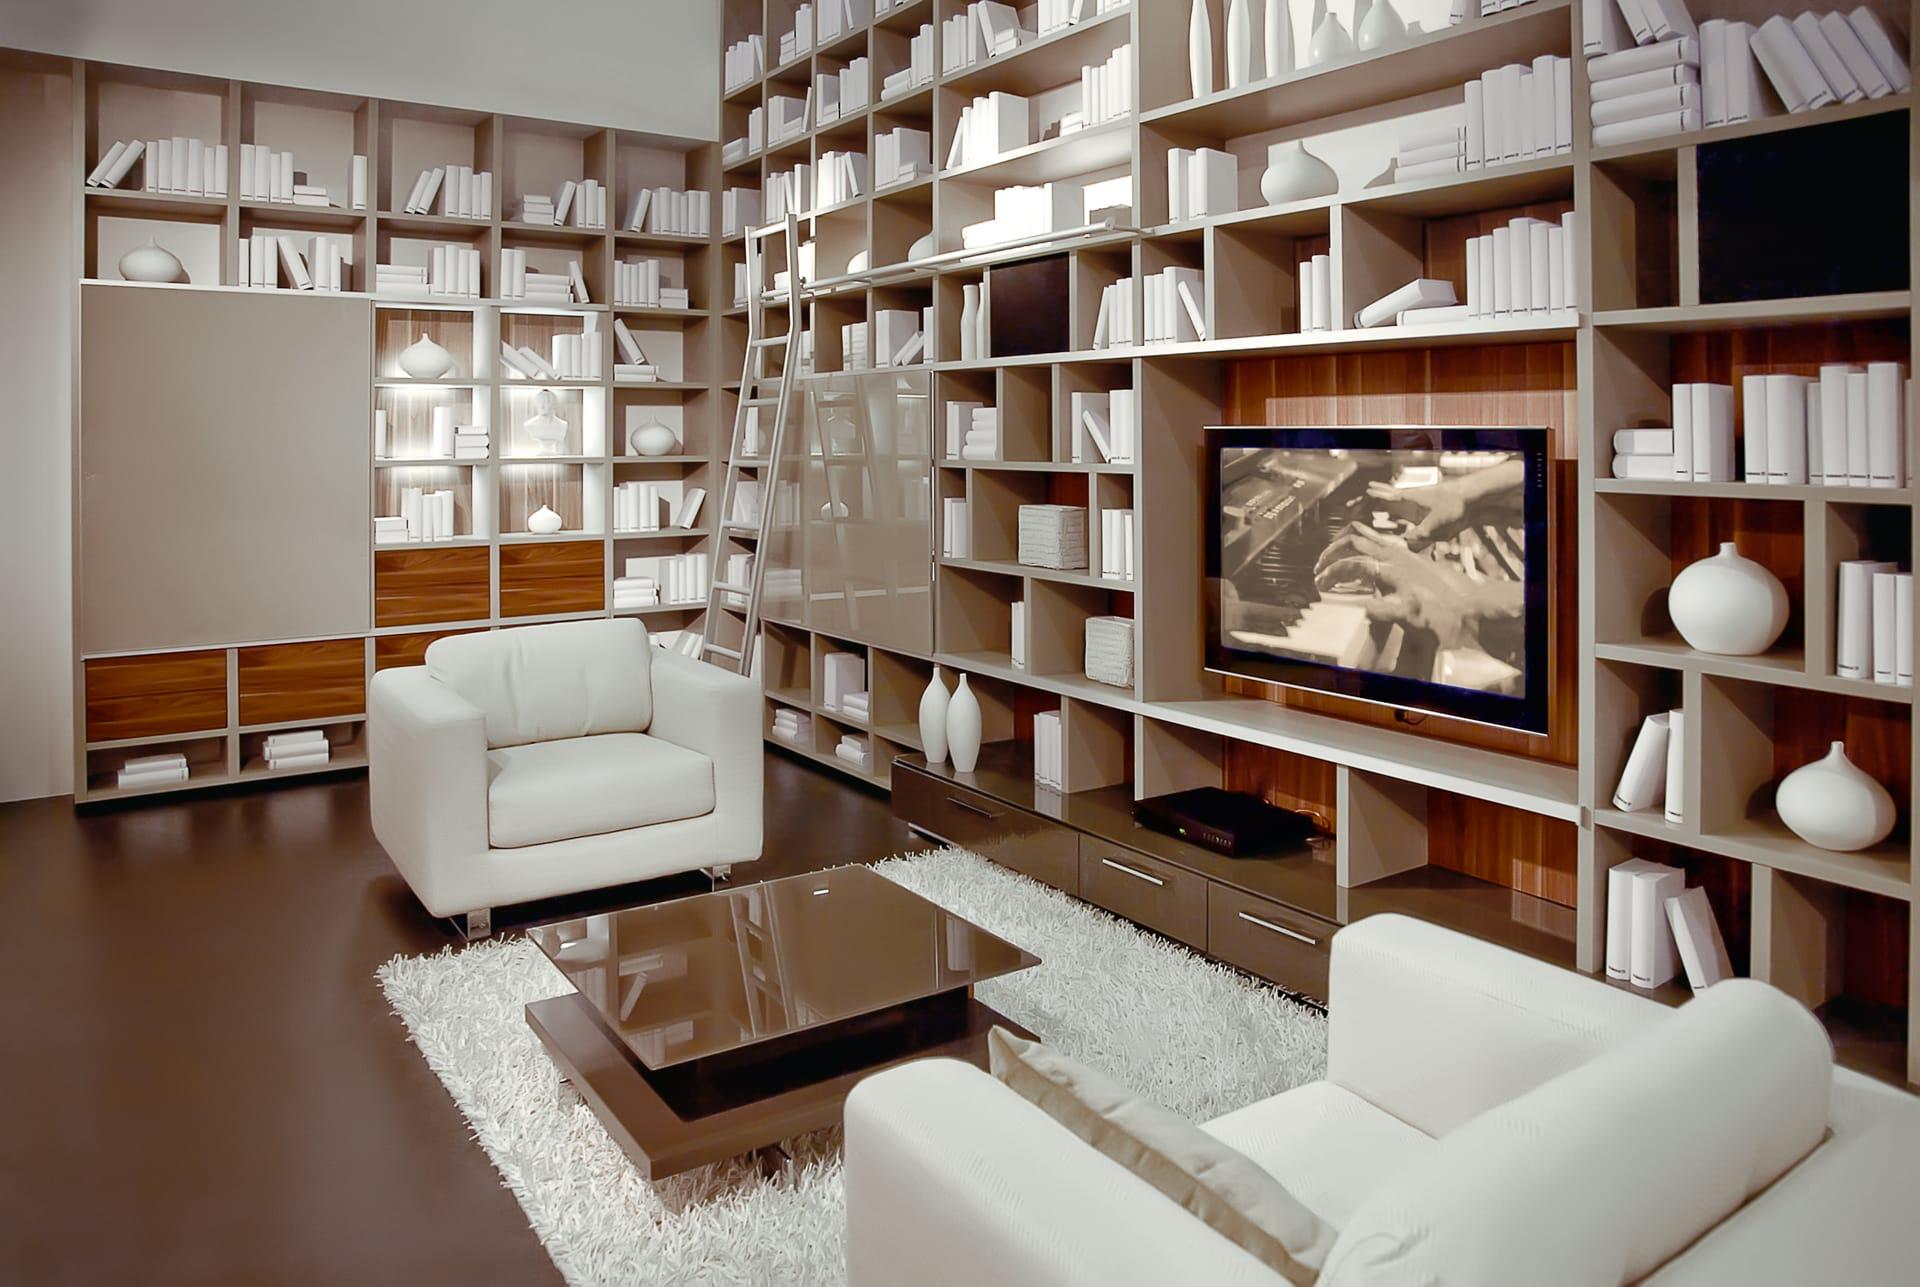 Progetti d'elite - Gallery 7